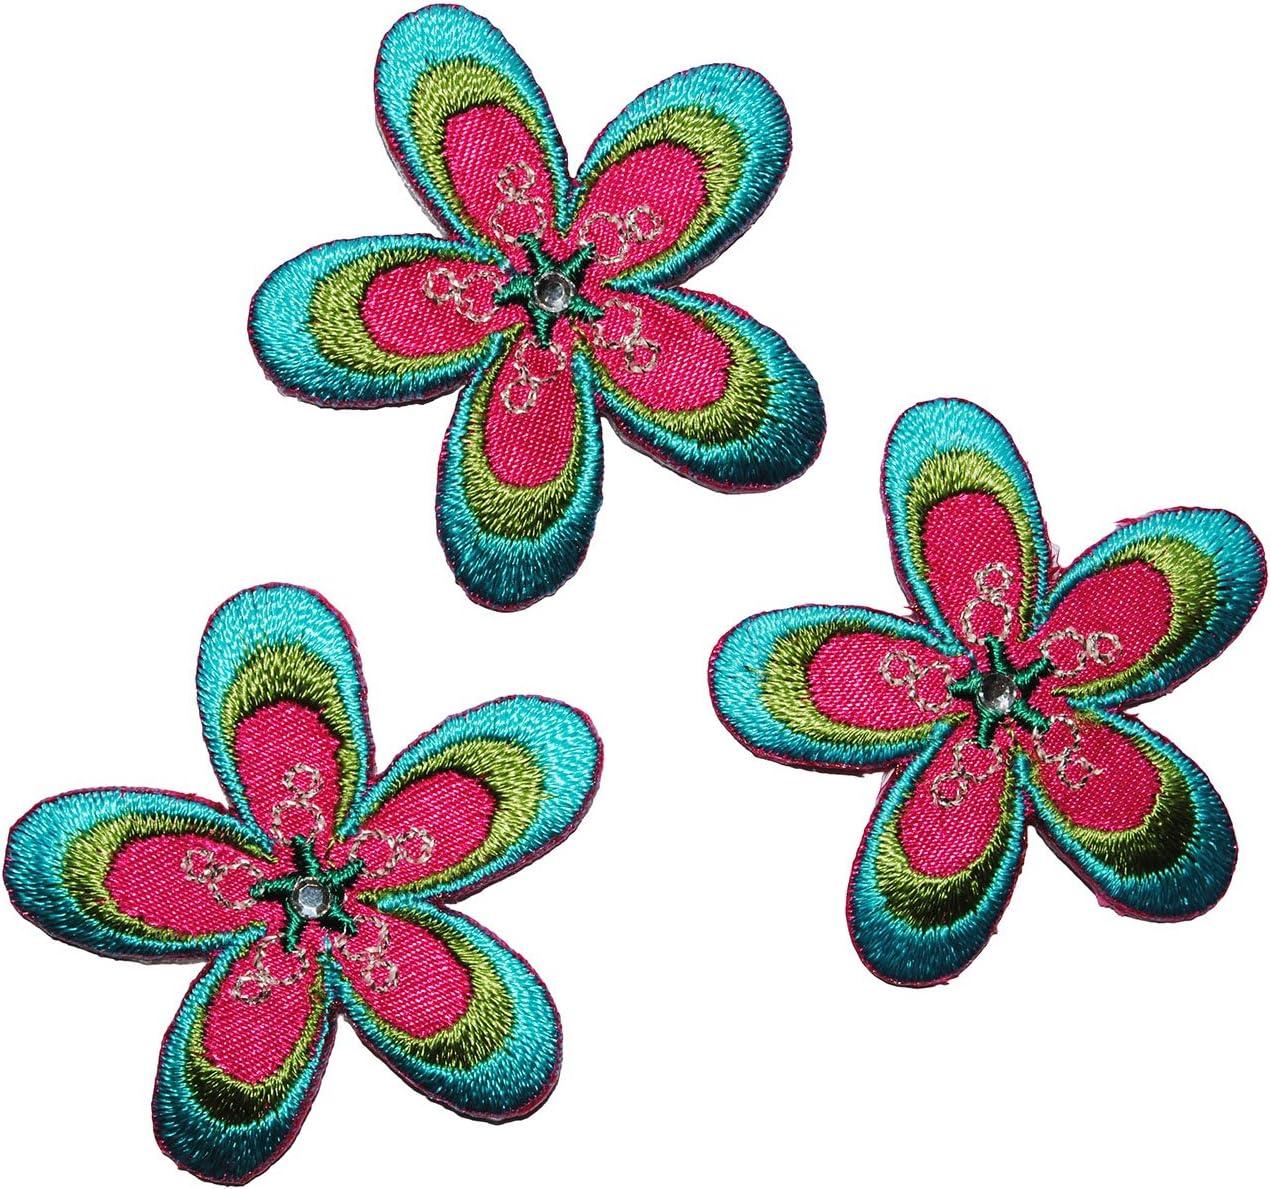 4 cm Aufb/ügler mit Pailletten ro.. Set /_ Blume blau gr/ün pink Bl/üten blau alles-meine.de GmbH 3 TLG Applikation pink Blumen Bl/üte gr/ün B/ügelbild // Aufn/äher